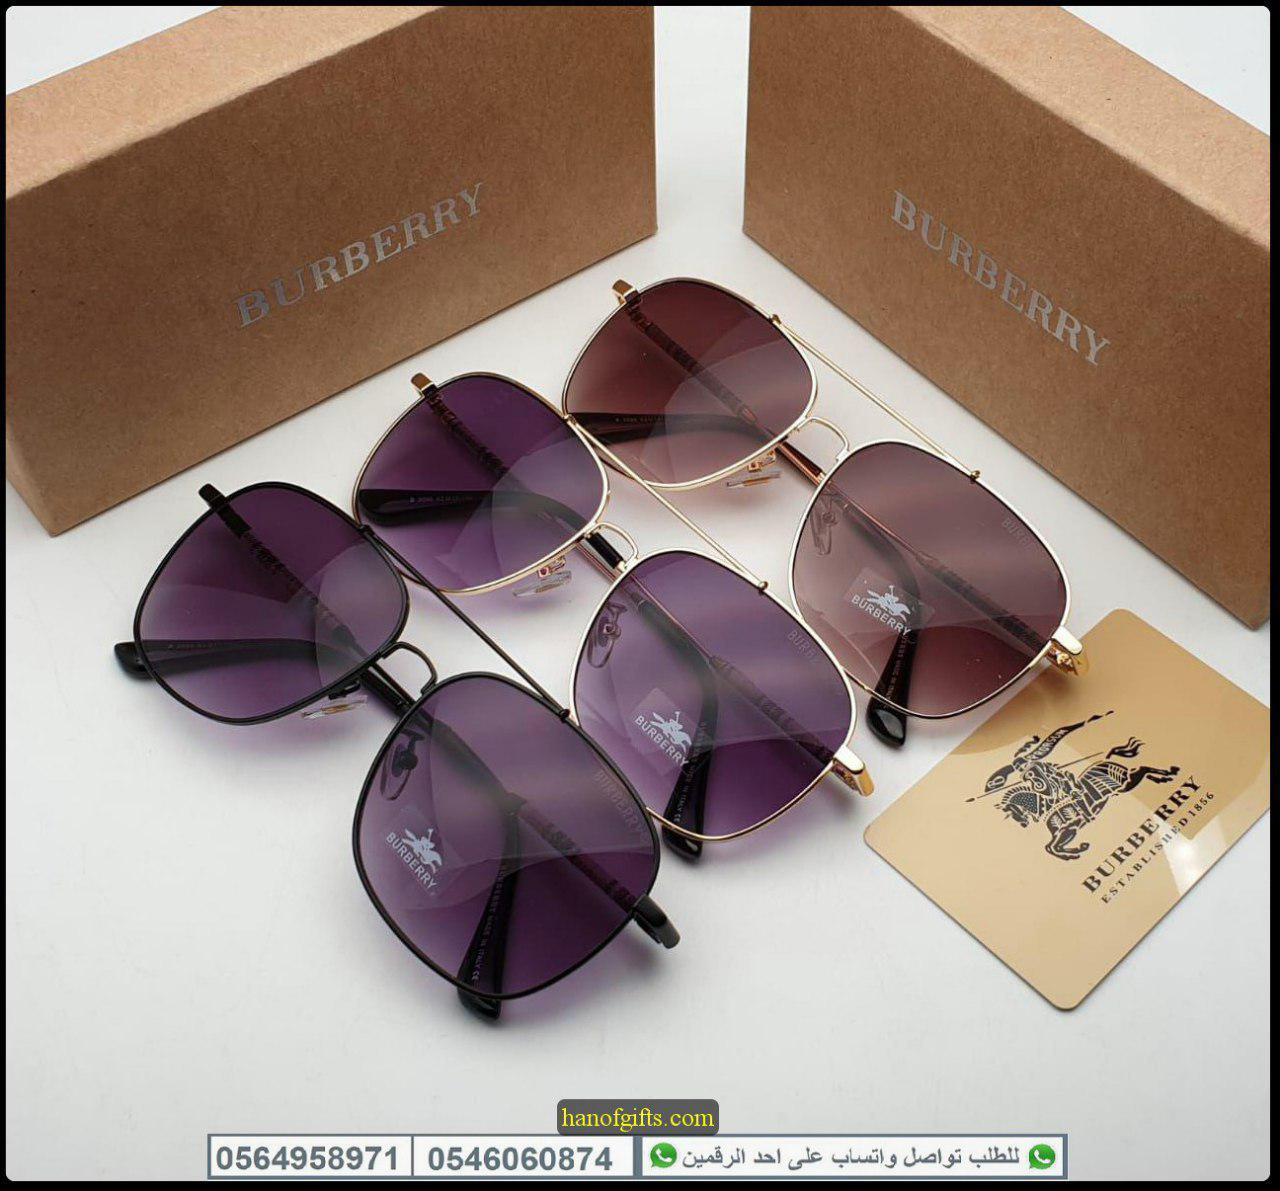 نظارات بربري Burberry